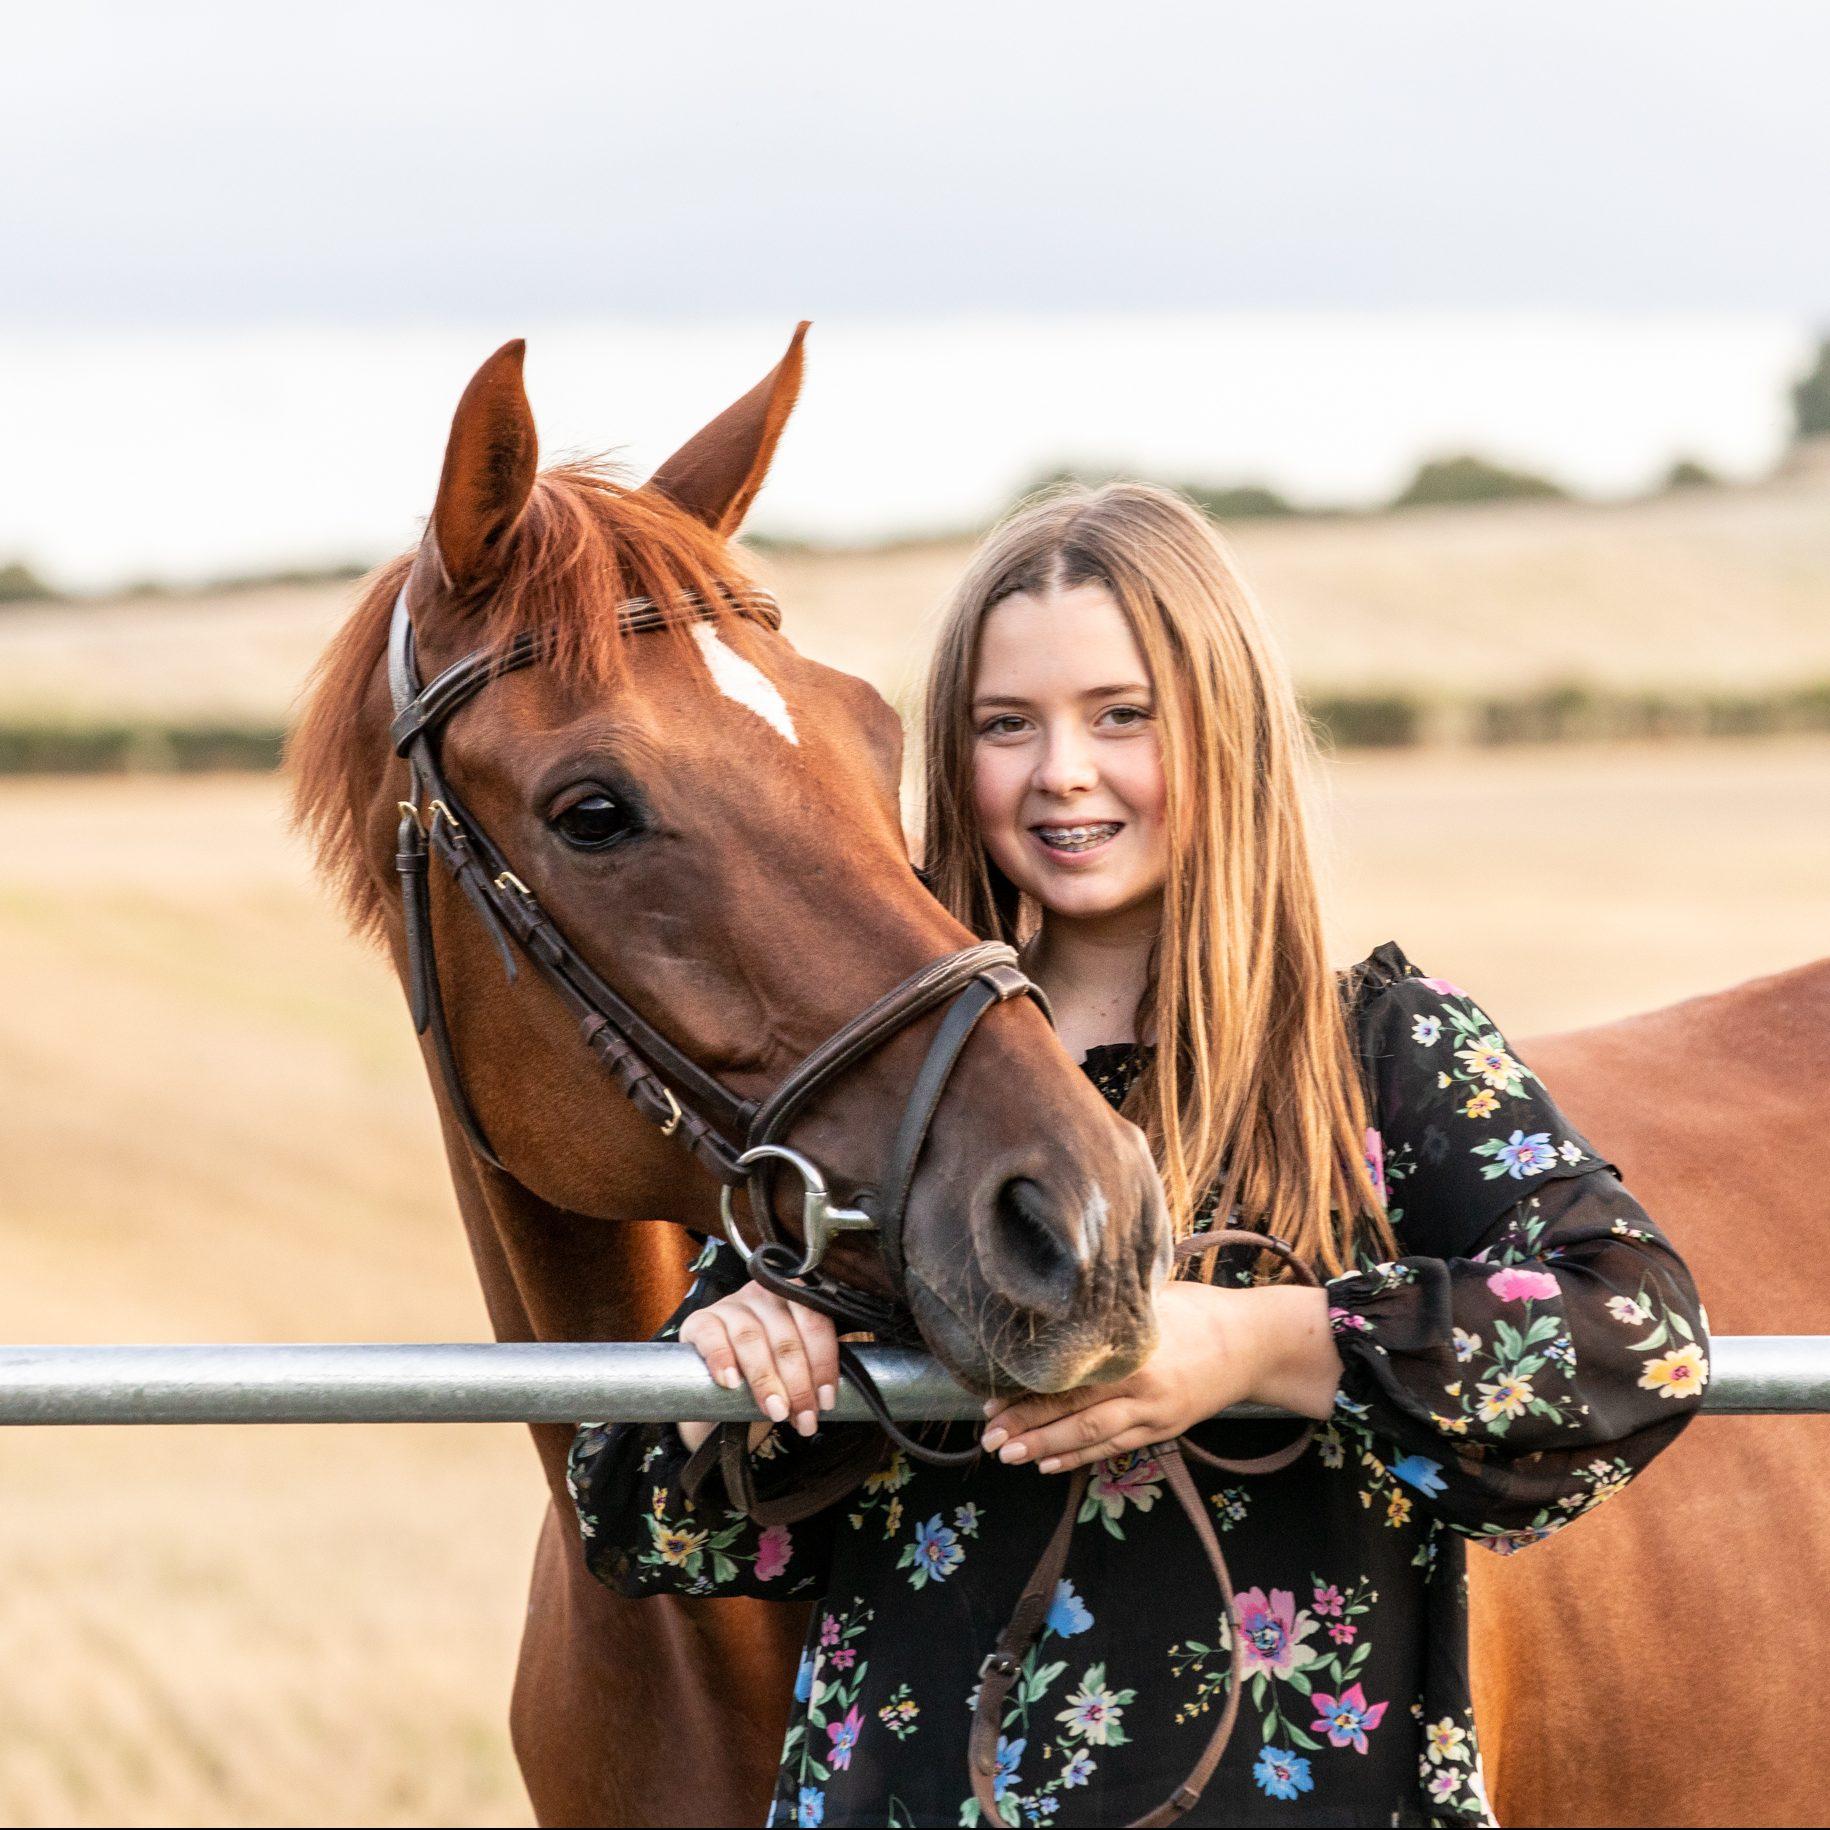 equine photographer Downton